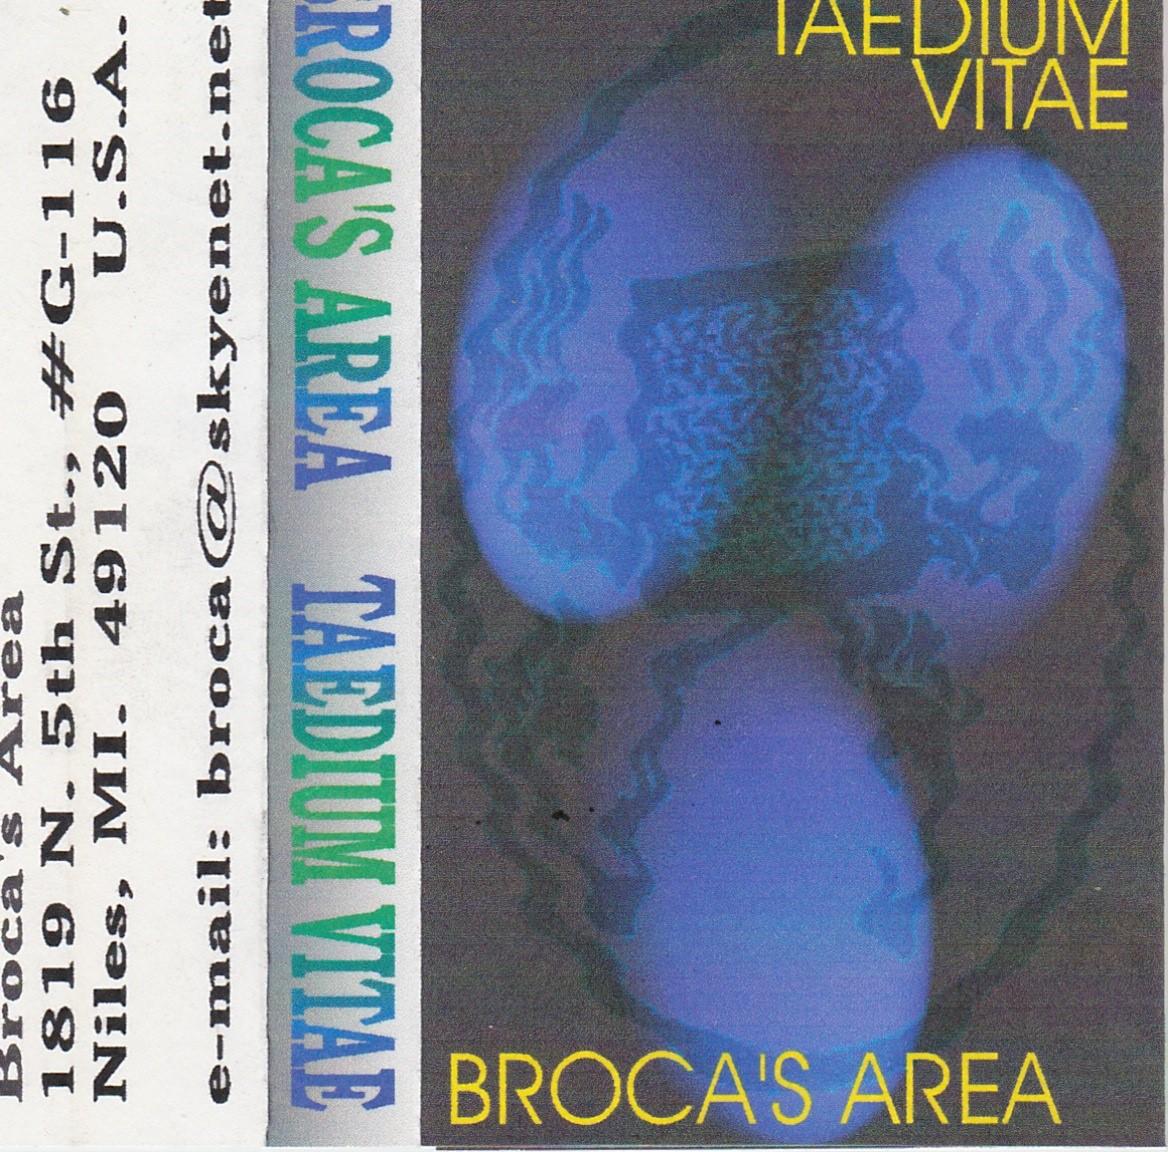 Brocas Area, Taedium Vitae, 1997